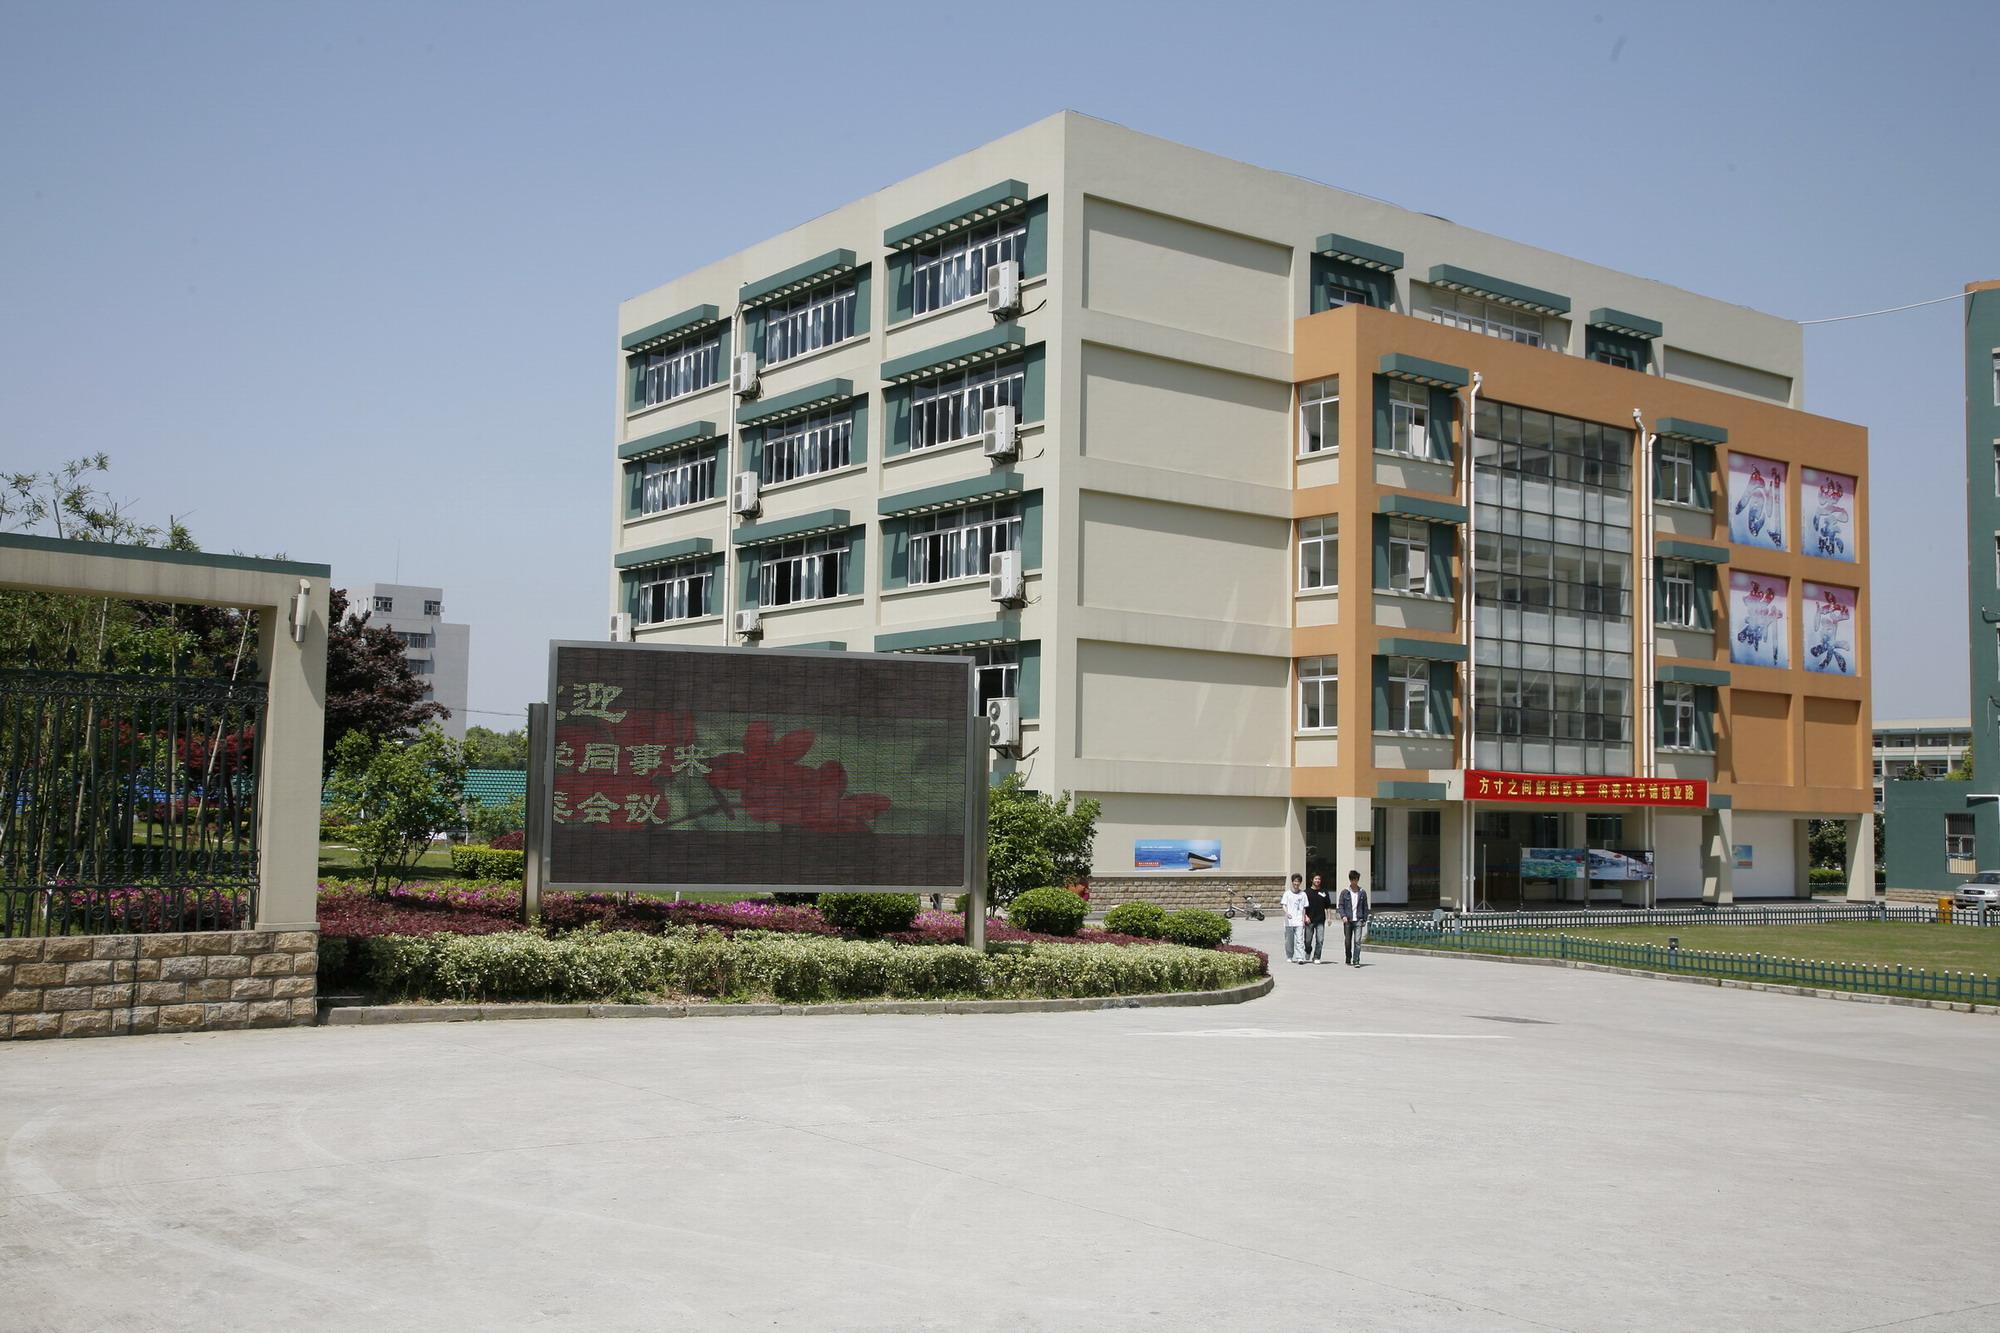 杭州万向职业技术学院怎么样图片